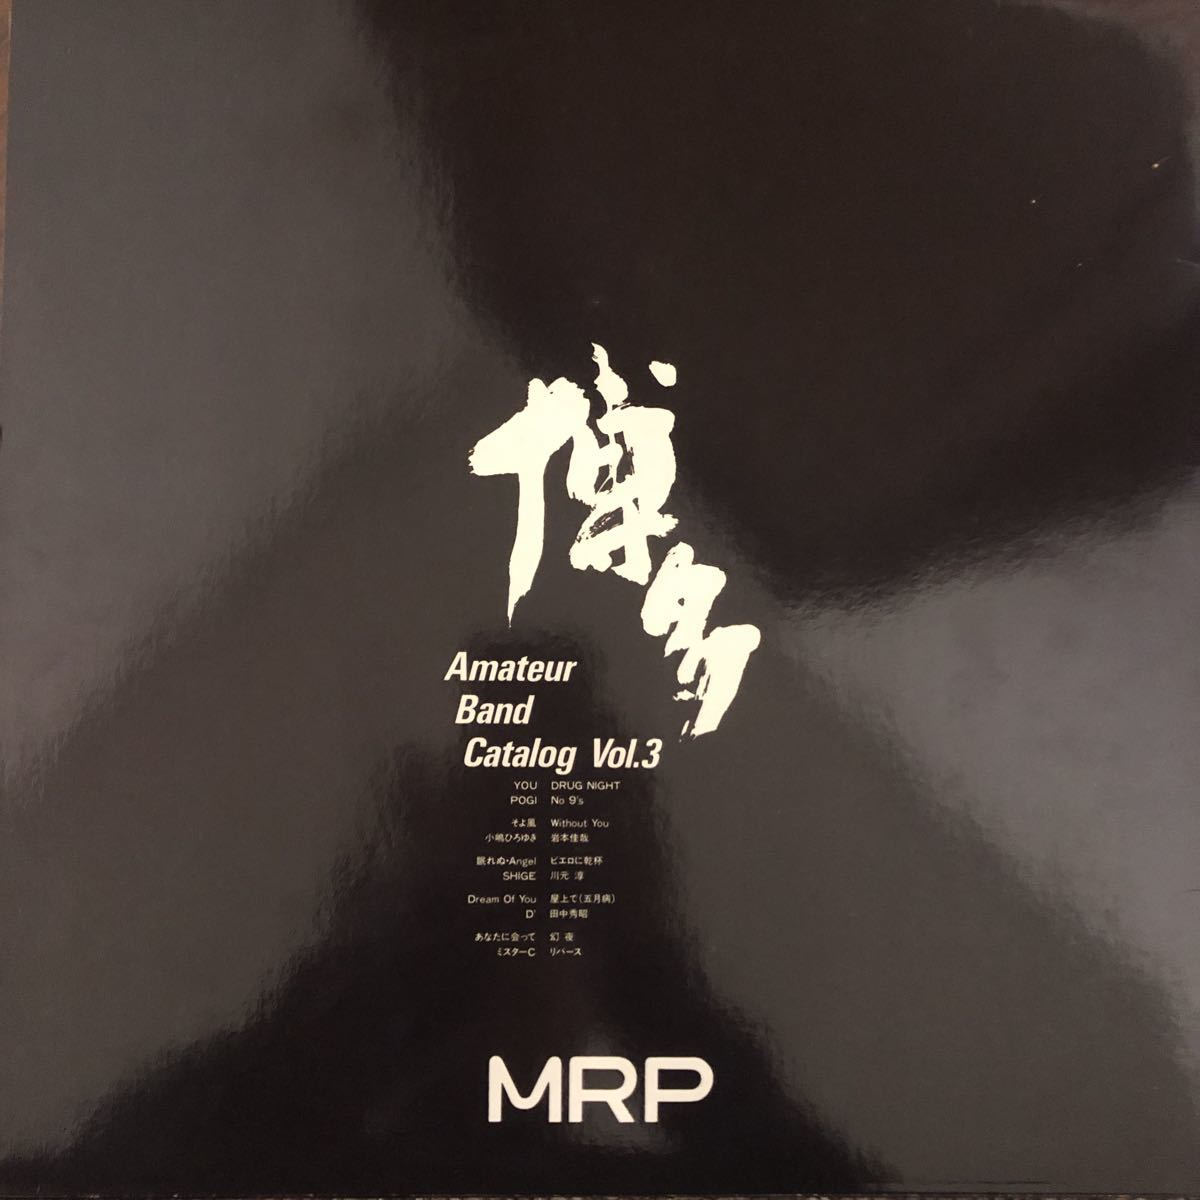 【厳選LP】エロジャケ! 和モノ 自主制作 超希少盤 博多 amateur band catalog vol.3 MURO XXXL boogie disco breakbeats fusion MRP_画像2